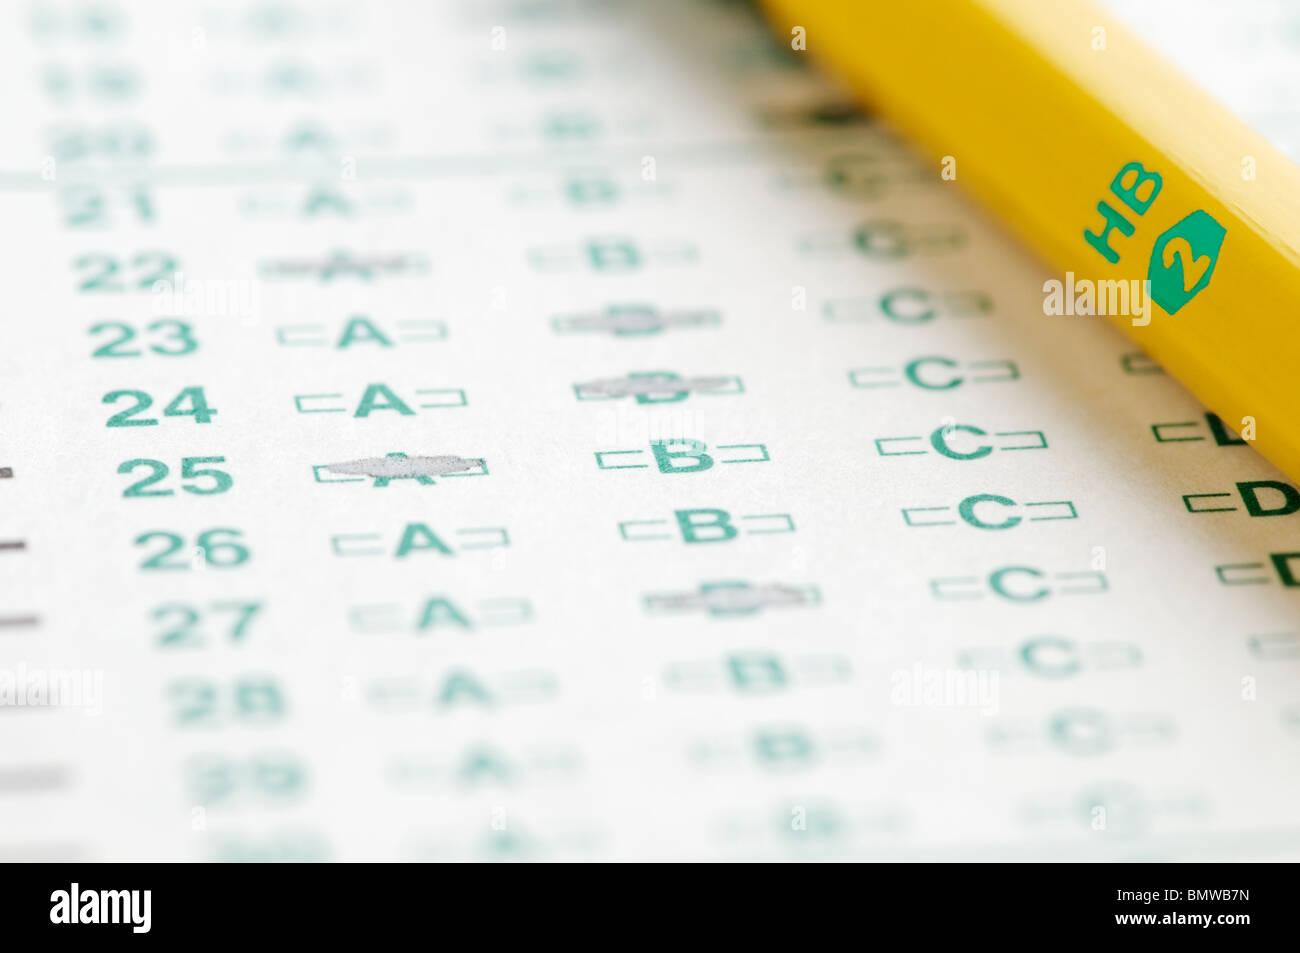 Scansione ottica foglio di risposta con #2 matita che rappresenta l'istruzione test. Immagini Stock